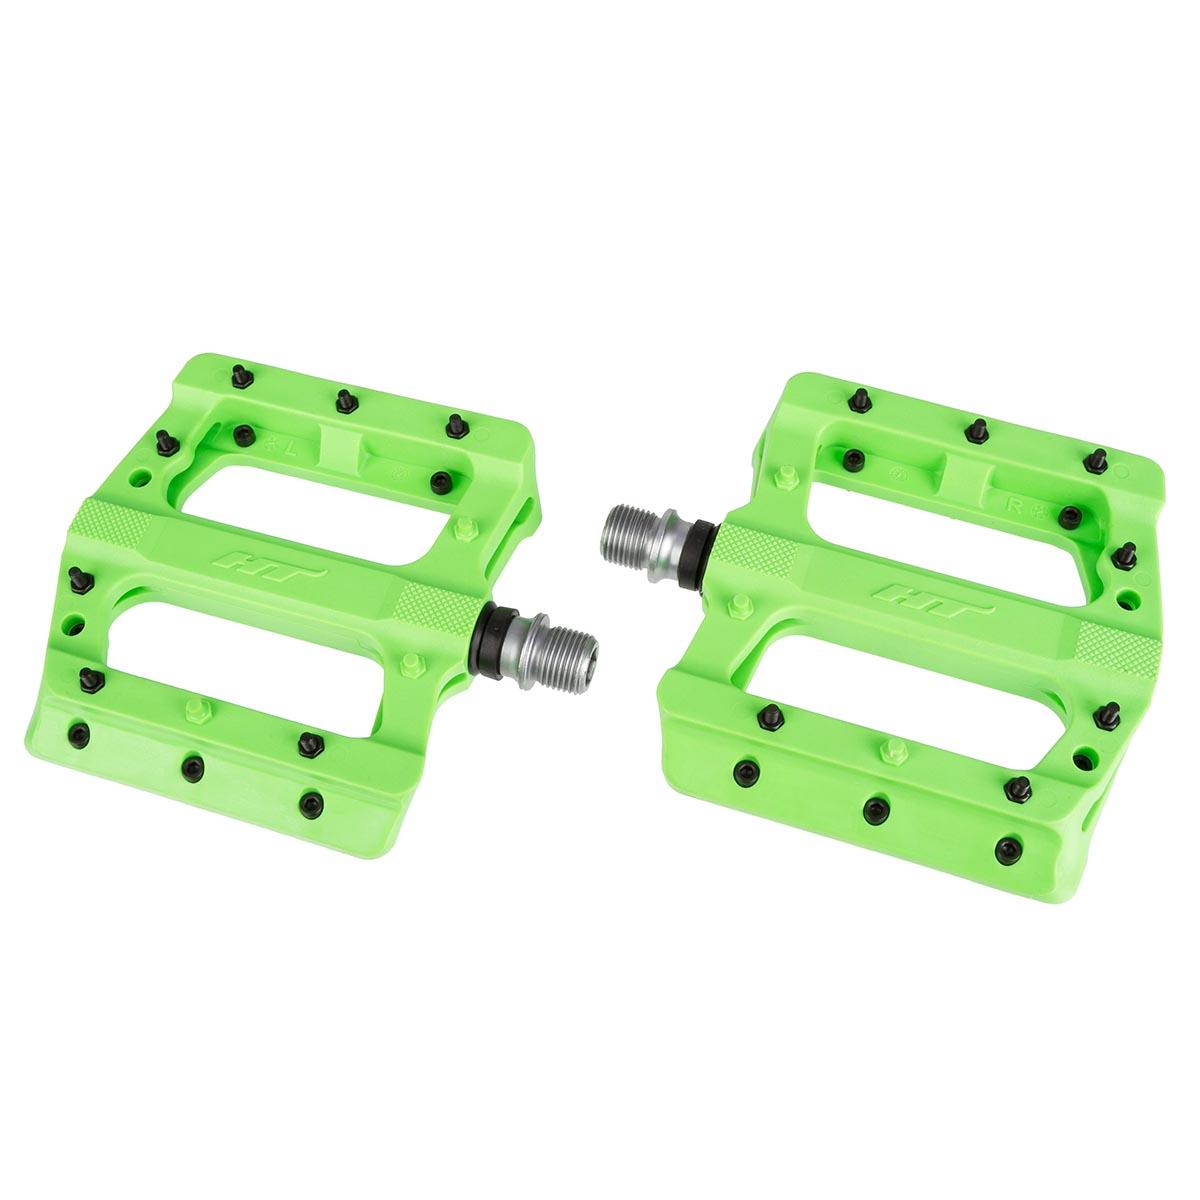 HT Components Pedale PA01A Neongrün